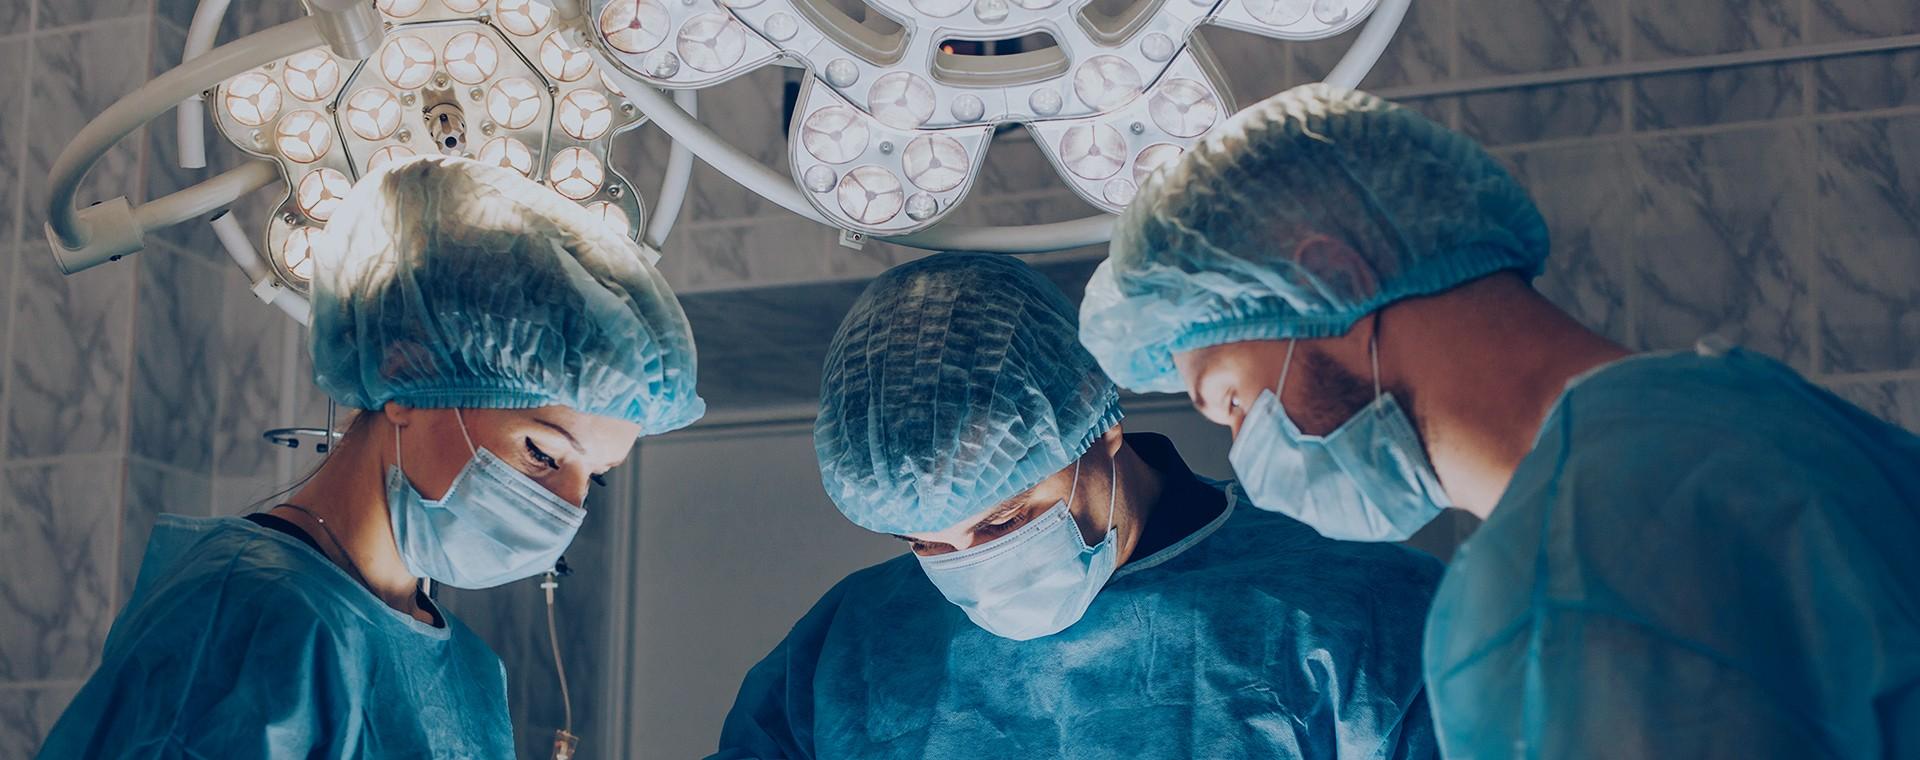 Ameliyathane Hizmetleri (2 Yıllık) 2019 Taban Puanları ve Başarı Sıralamaları